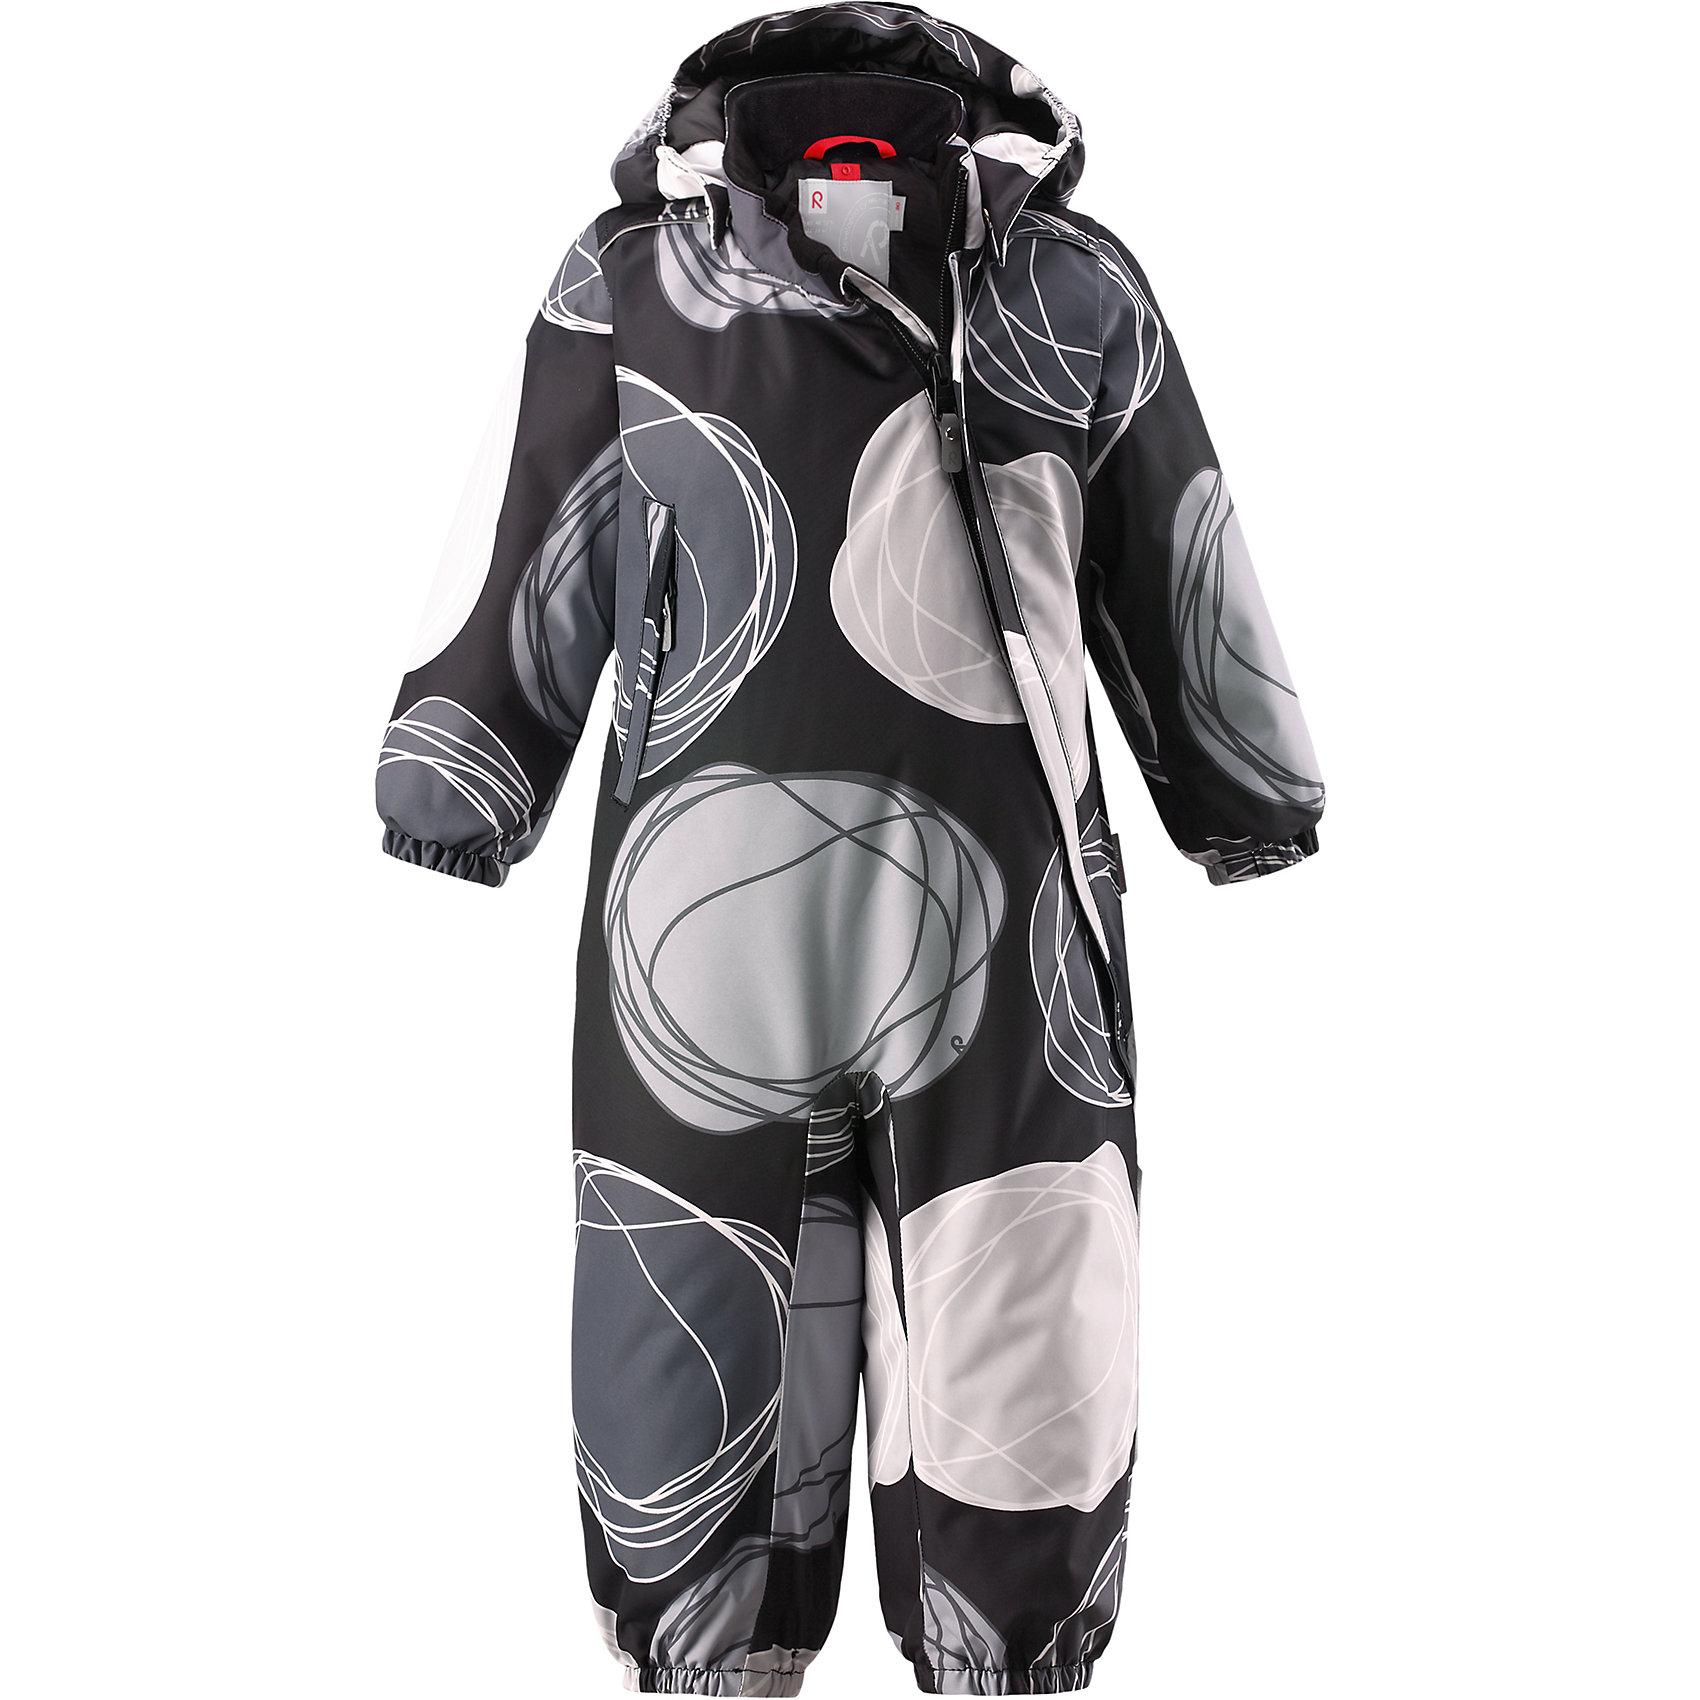 Комбинезон Reima Reimatec® LoskaВерхняя одежда<br>Характеристики товара:<br><br>• цвет: серый <br>• состав: 100% полиэстер<br>• утеплитель: 100% полиэстер, 160 г/м2 (soft loft insulation)<br>• сезон: зима<br>• температурный режим: от 0 до -20С<br>• водонепроницаемость: 15000 мм<br>• воздухопроницаемость: 7000 мм<br>• износостойкость: 40000 циклов (тест Мартиндейла)<br>• особенности модели: с рисунком<br>• основные швы проклеены и не пропускают влагу<br>• водо- и ветронепроницаемый, дышащий и грязеотталкивающий материал<br>• утепленная задняя часть изделия<br>• гладкая подкладка из полиэстера<br>• безопасный, съемный, регулируемый капюшон<br>• внутренняя регулировка талии<br>• защита подбородка от защемления<br>• эластичные манжеты и штанины<br>• эластичная талия<br>• съемные эластичные штрипки <br>• длинная молния для легкого надевания<br>• дополнительная планка с кнопками<br>• карман на молнии<br>• светоотражающие детали<br>• страна бренда: Финляндия<br>• страна изготовитель: Китай<br><br>Зимний комбинезон на молнии для малыша! Основные швы комбинезона проклеены, а сам он изготовлен из водо и ветронепроницаемого, грязеотталкивающего материала. Утепленная задняя часть обеспечит дополнительное утепление во время игр в снегу.<br><br>Гладкая подкладка и длинная молния облегчают надевание. Маленький карман на молнии надежно сохранит все сокровища. Обратите внимание: комбинезон можно сушить в сушильной машине. Зимний комбинезон с капюшоном для малыша декорирован рисунком в виде больших цветных кругов.<br><br>Комбинезон Loska Reimatec® Reima от финского бренда Reima (Рейма) можно купить в нашем интернет-магазине.<br><br>Ширина мм: 356<br>Глубина мм: 10<br>Высота мм: 245<br>Вес г: 519<br>Цвет: серый<br>Возраст от месяцев: 24<br>Возраст до месяцев: 36<br>Пол: Унисекс<br>Возраст: Детский<br>Размер: 98,74,80,86,92<br>SKU: 6908158